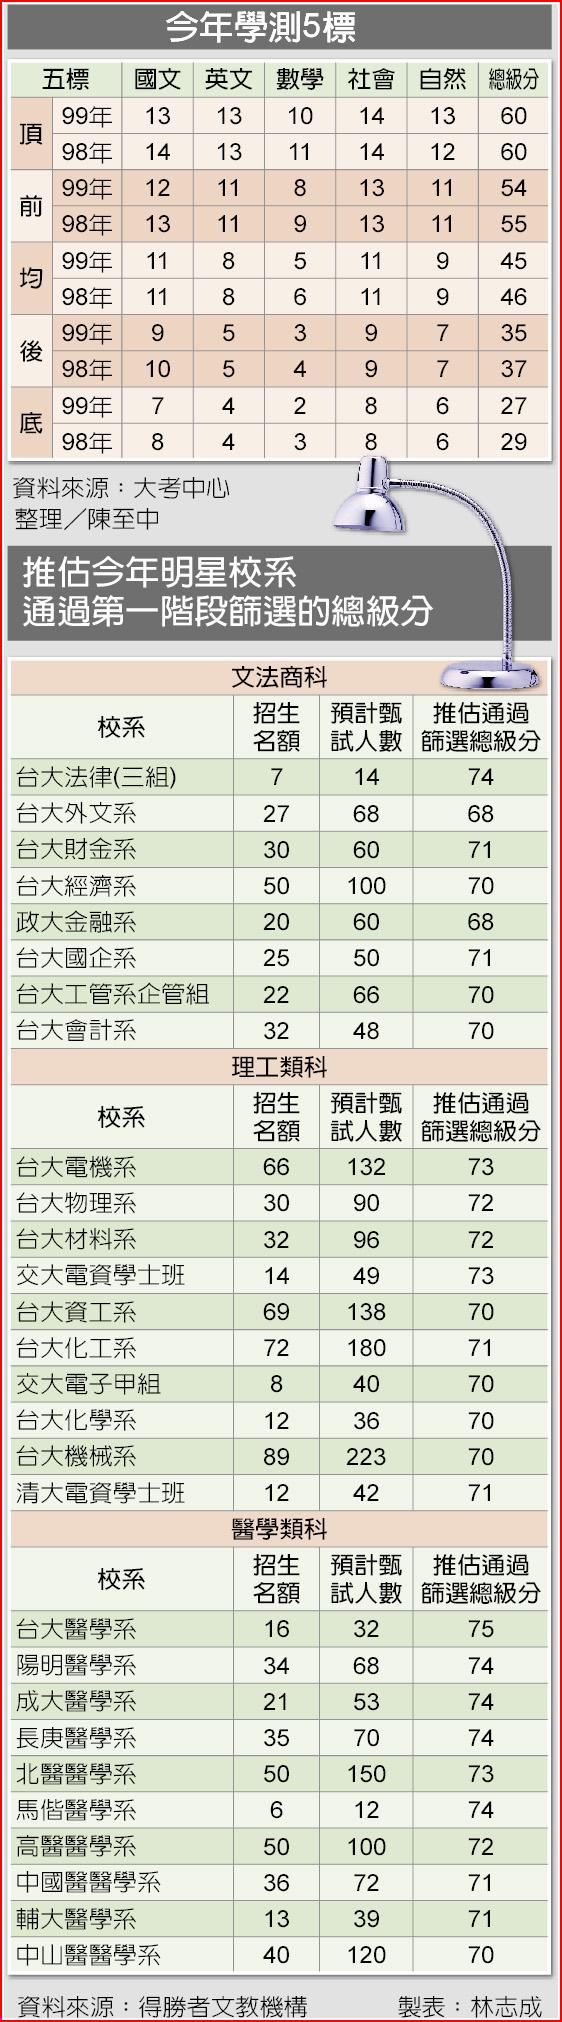 今年學測5標、推估今年明星校系通過第一階段篩選的總級分